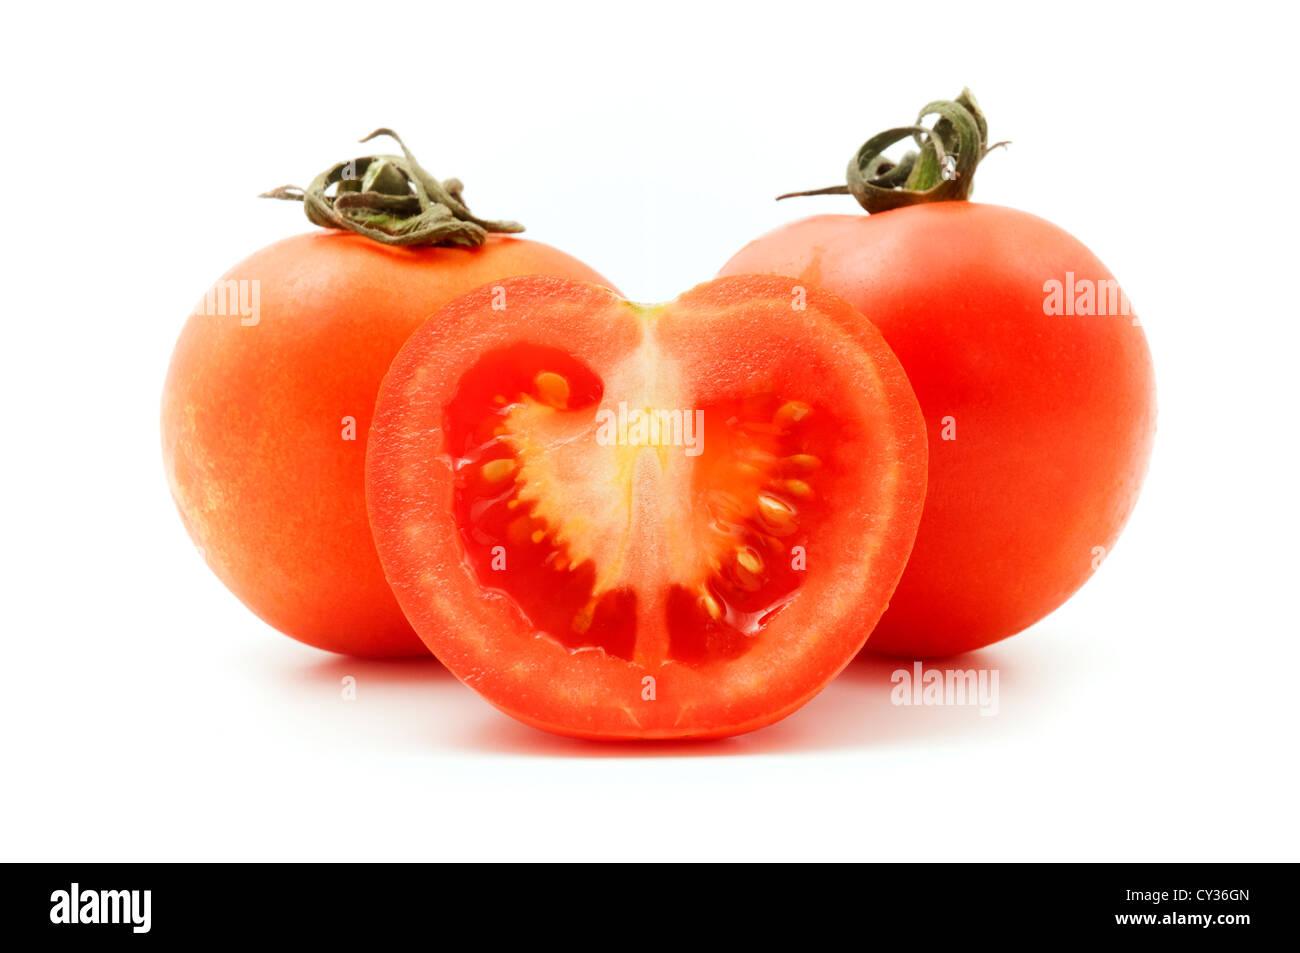 Tomaten auf einem weißen Hintergrund Stockbild